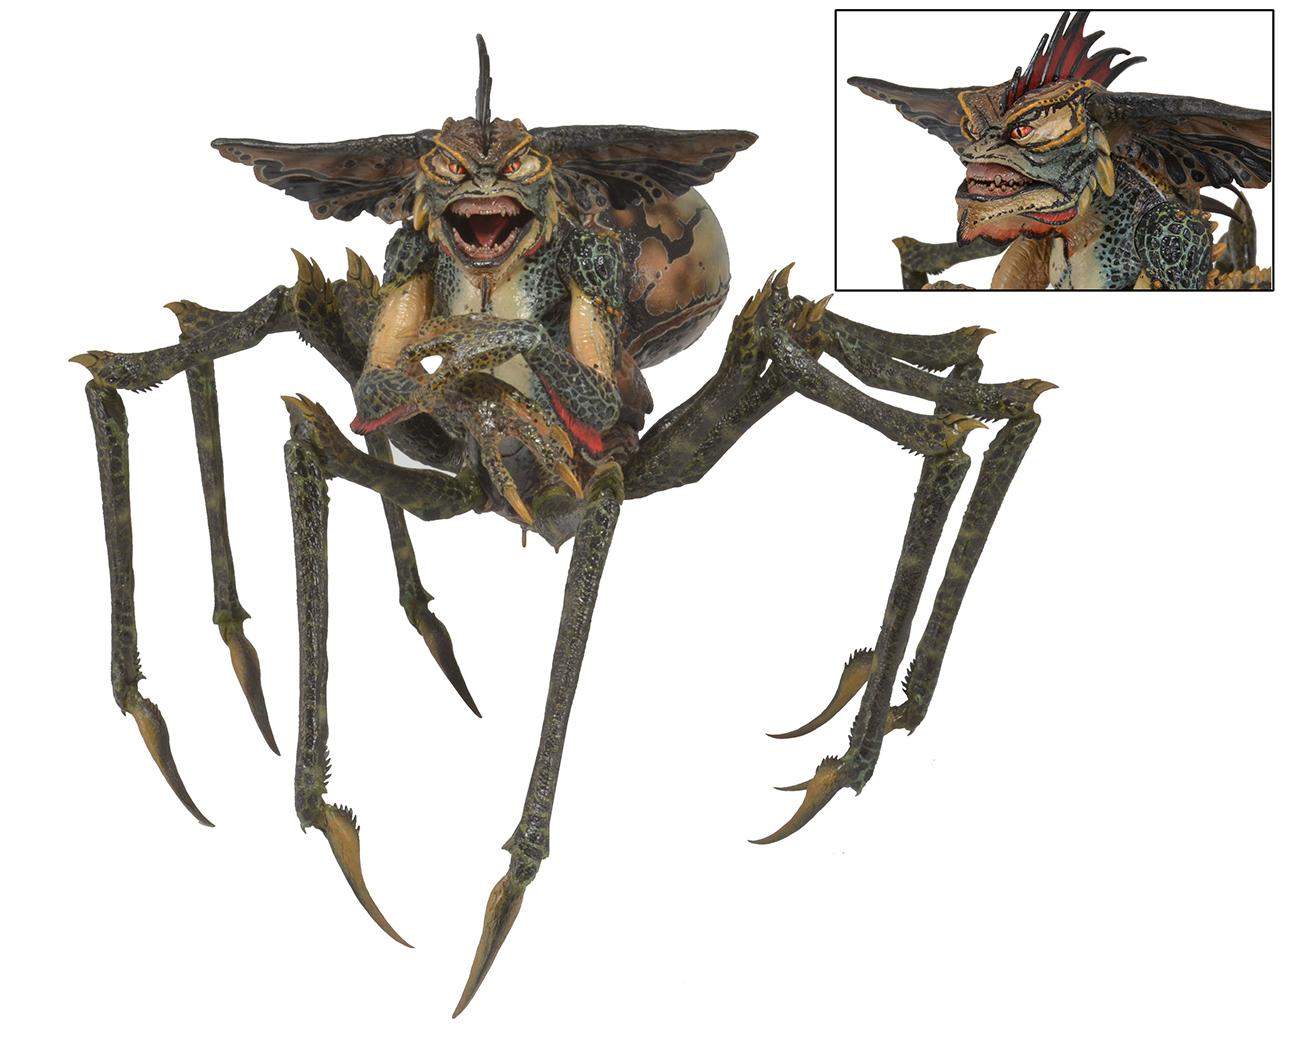 NECA Toys Gremlins 2 – Deluxe Spider Gremlin Figure Reissue